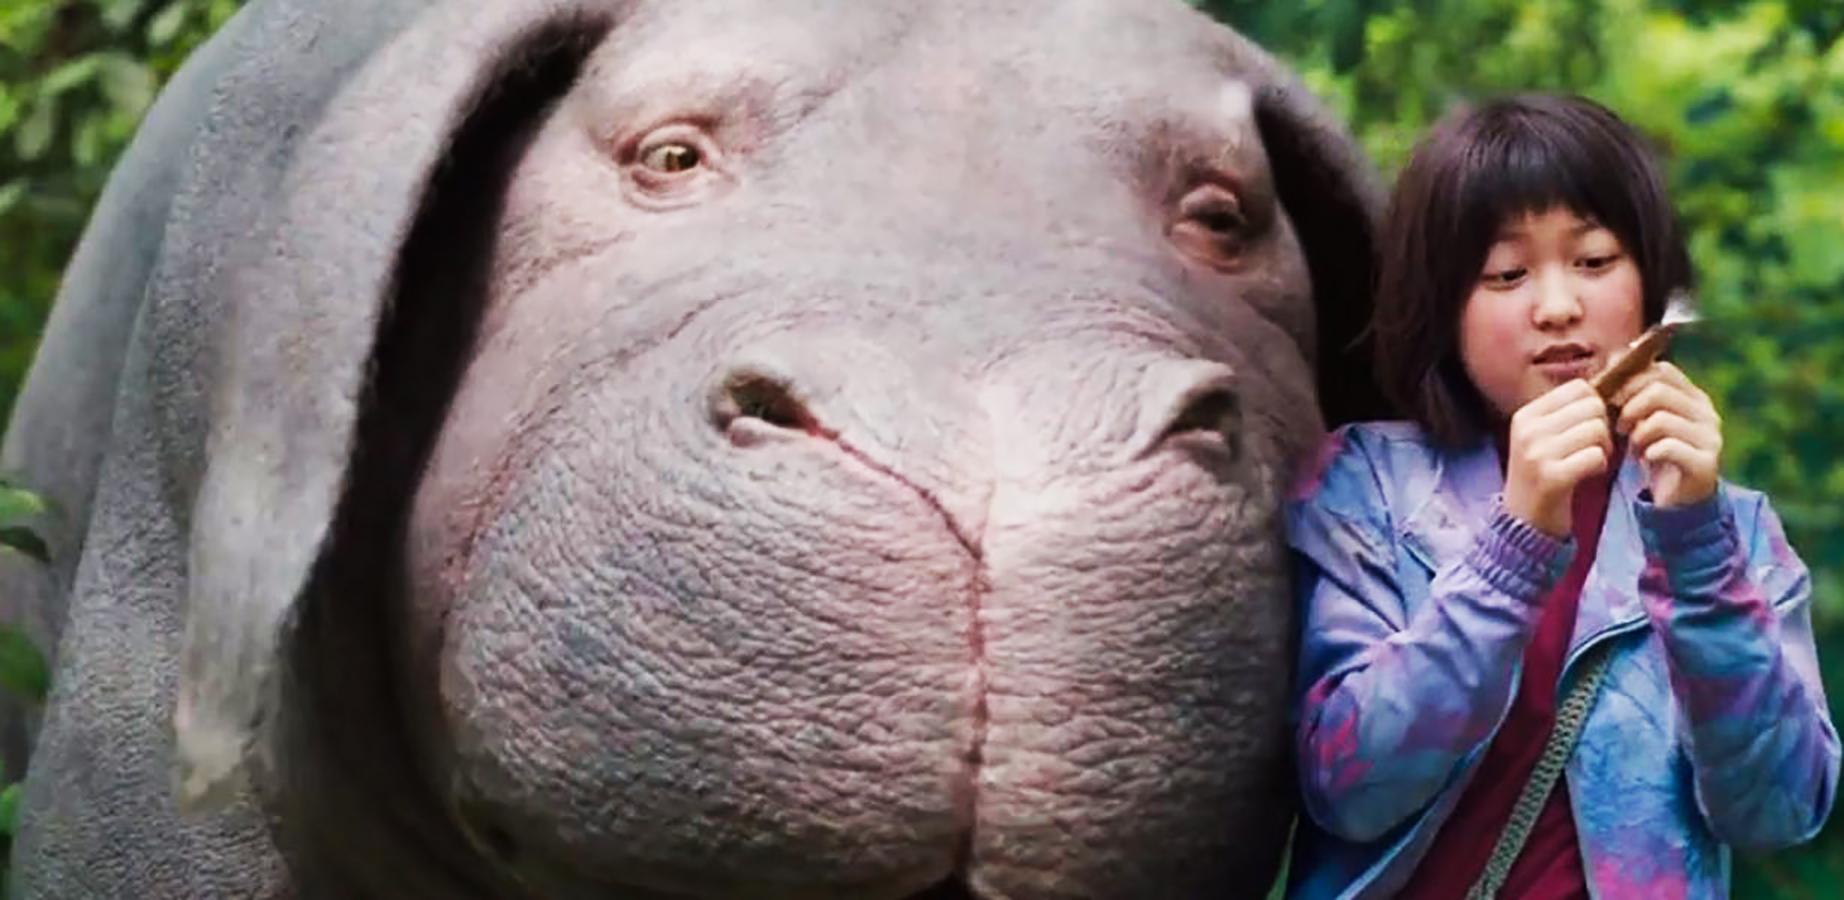 بررسی فیلم Okja: یک داستان پریان مخوف